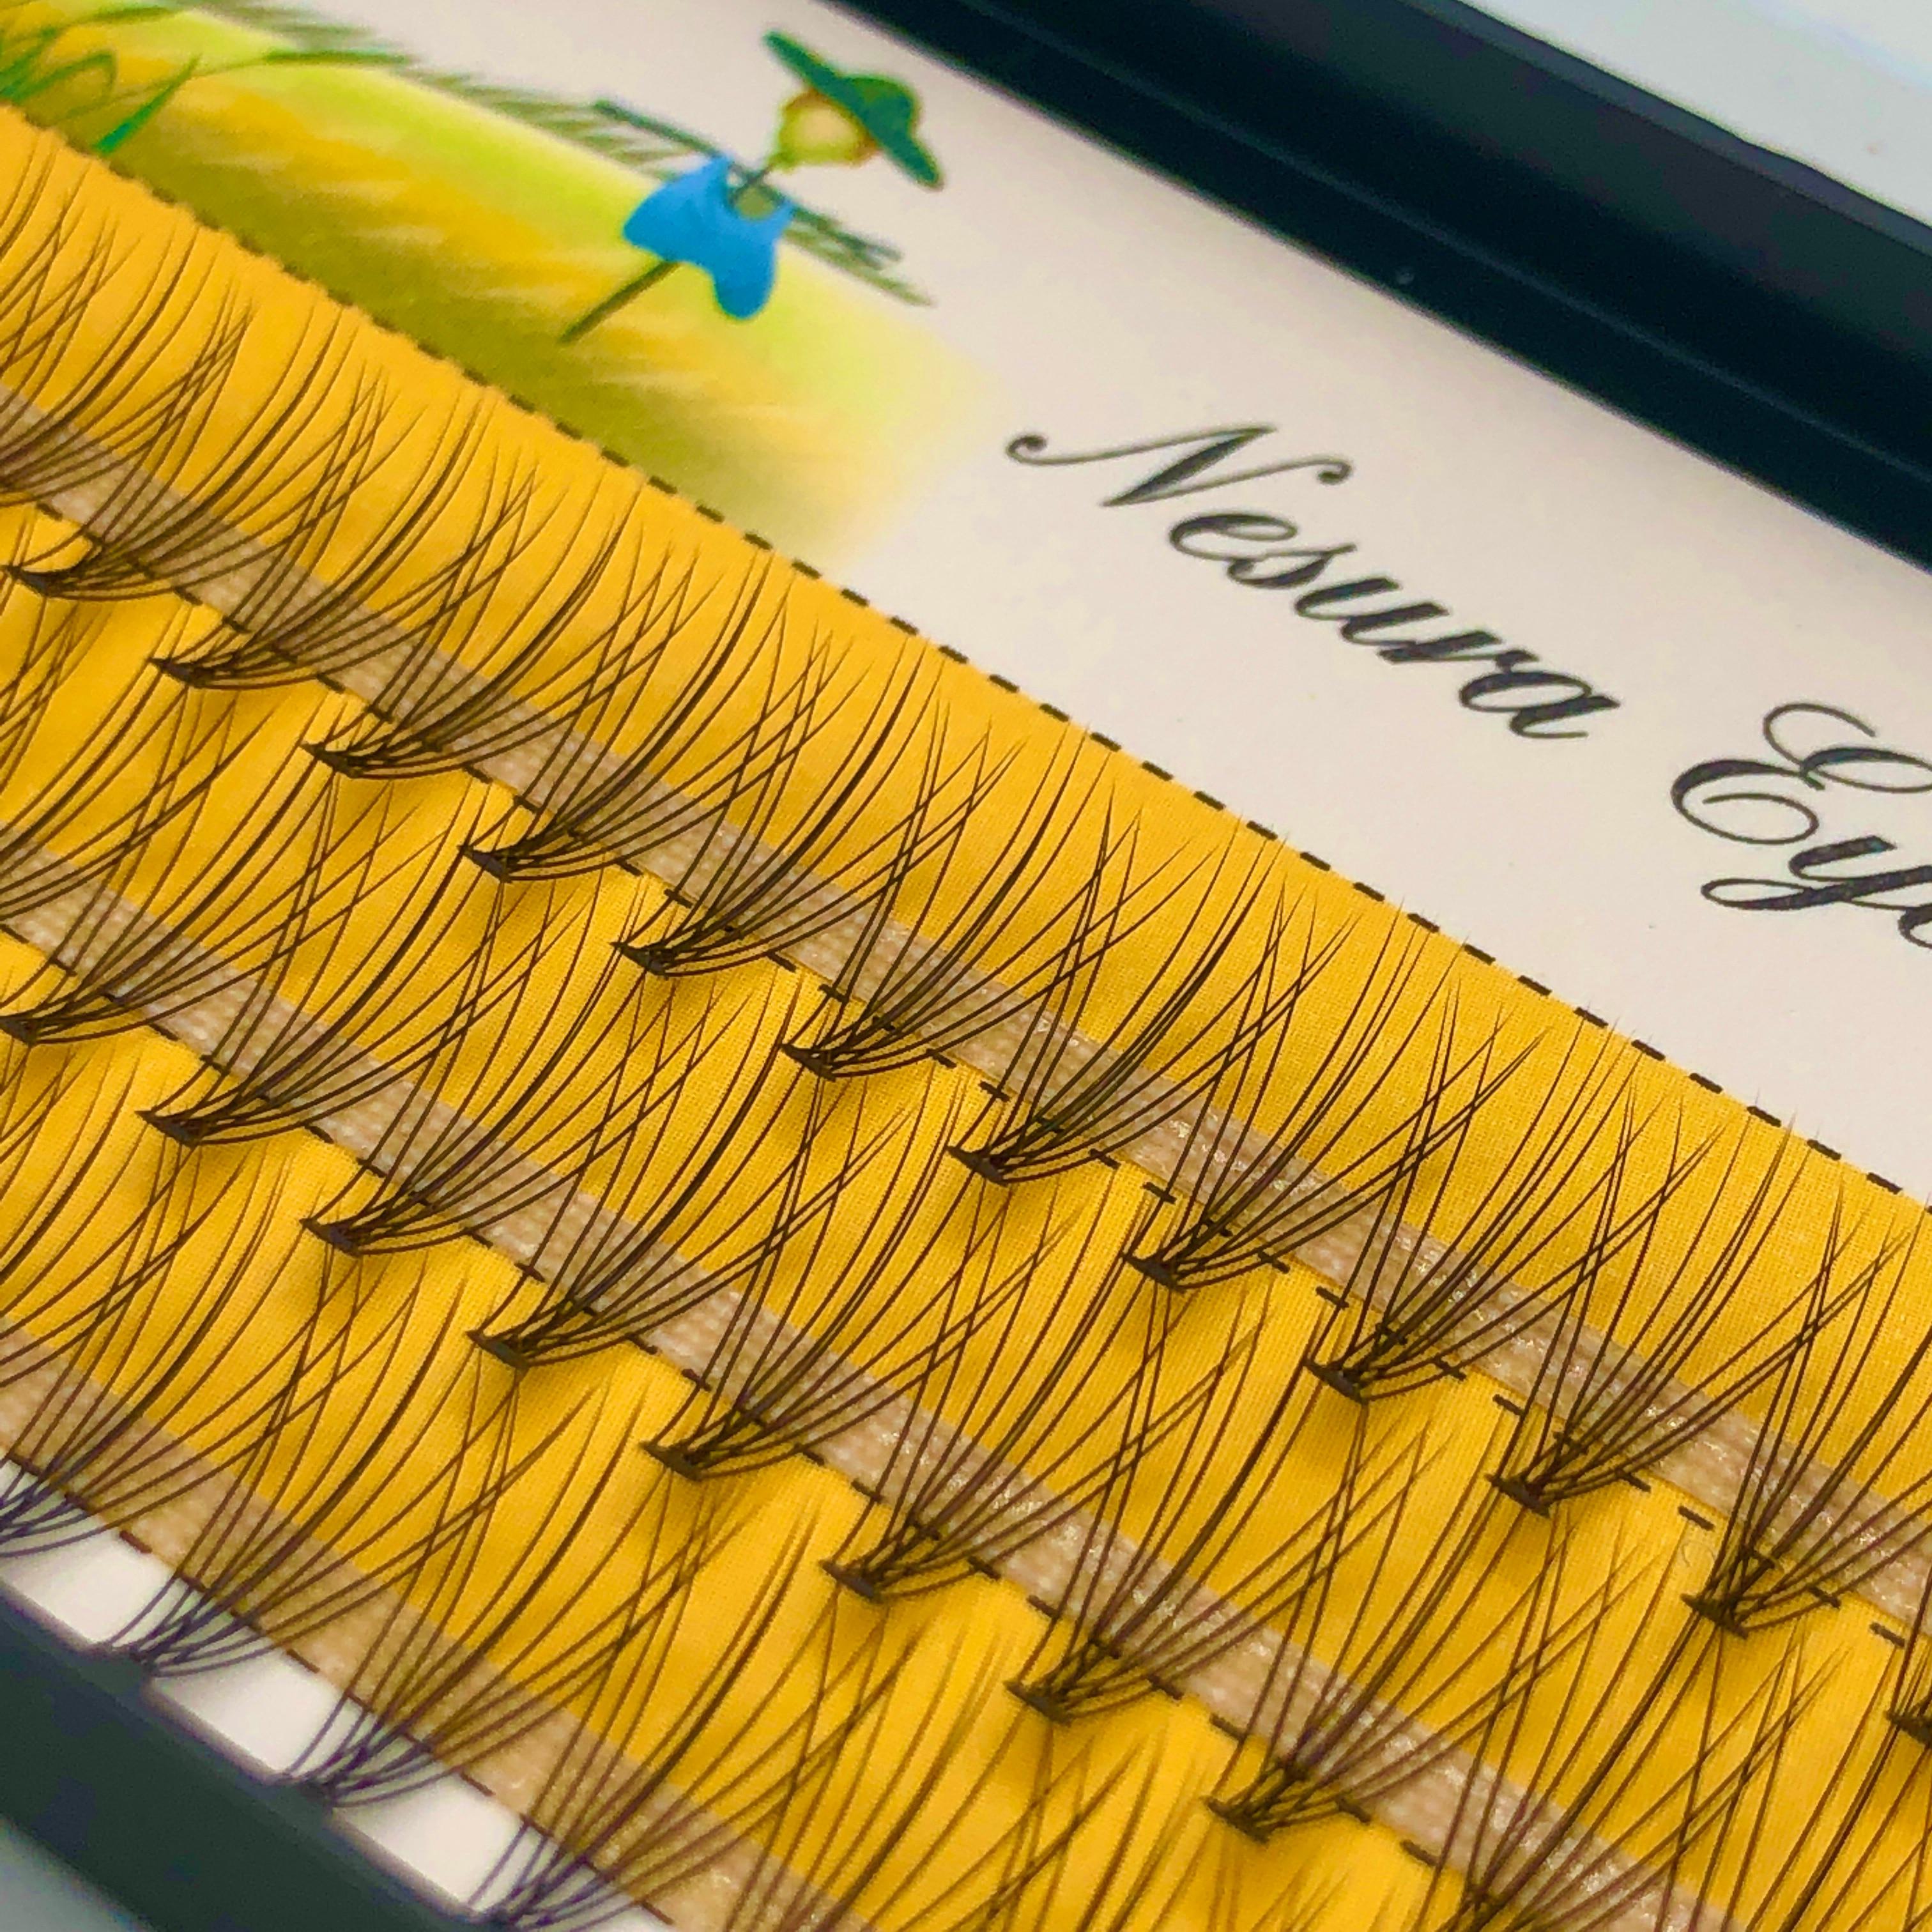 Набор для наращивания ресниц, профессиональные пупряди ресниц для макияжа, 60 шт. в коробке